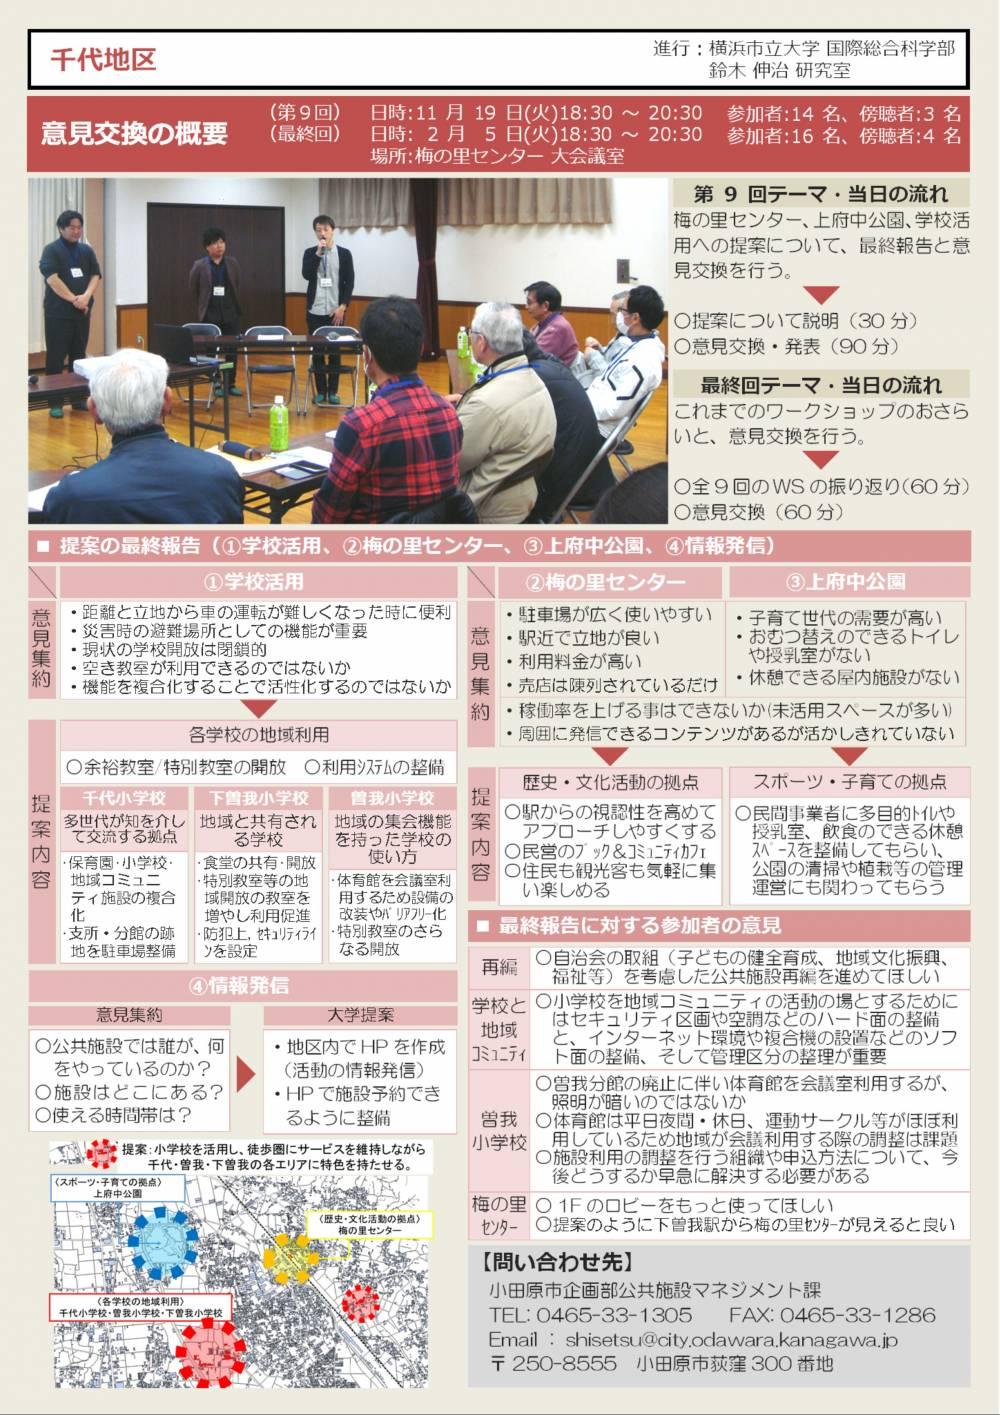 公共施設マネジメント通信10_2ページ目